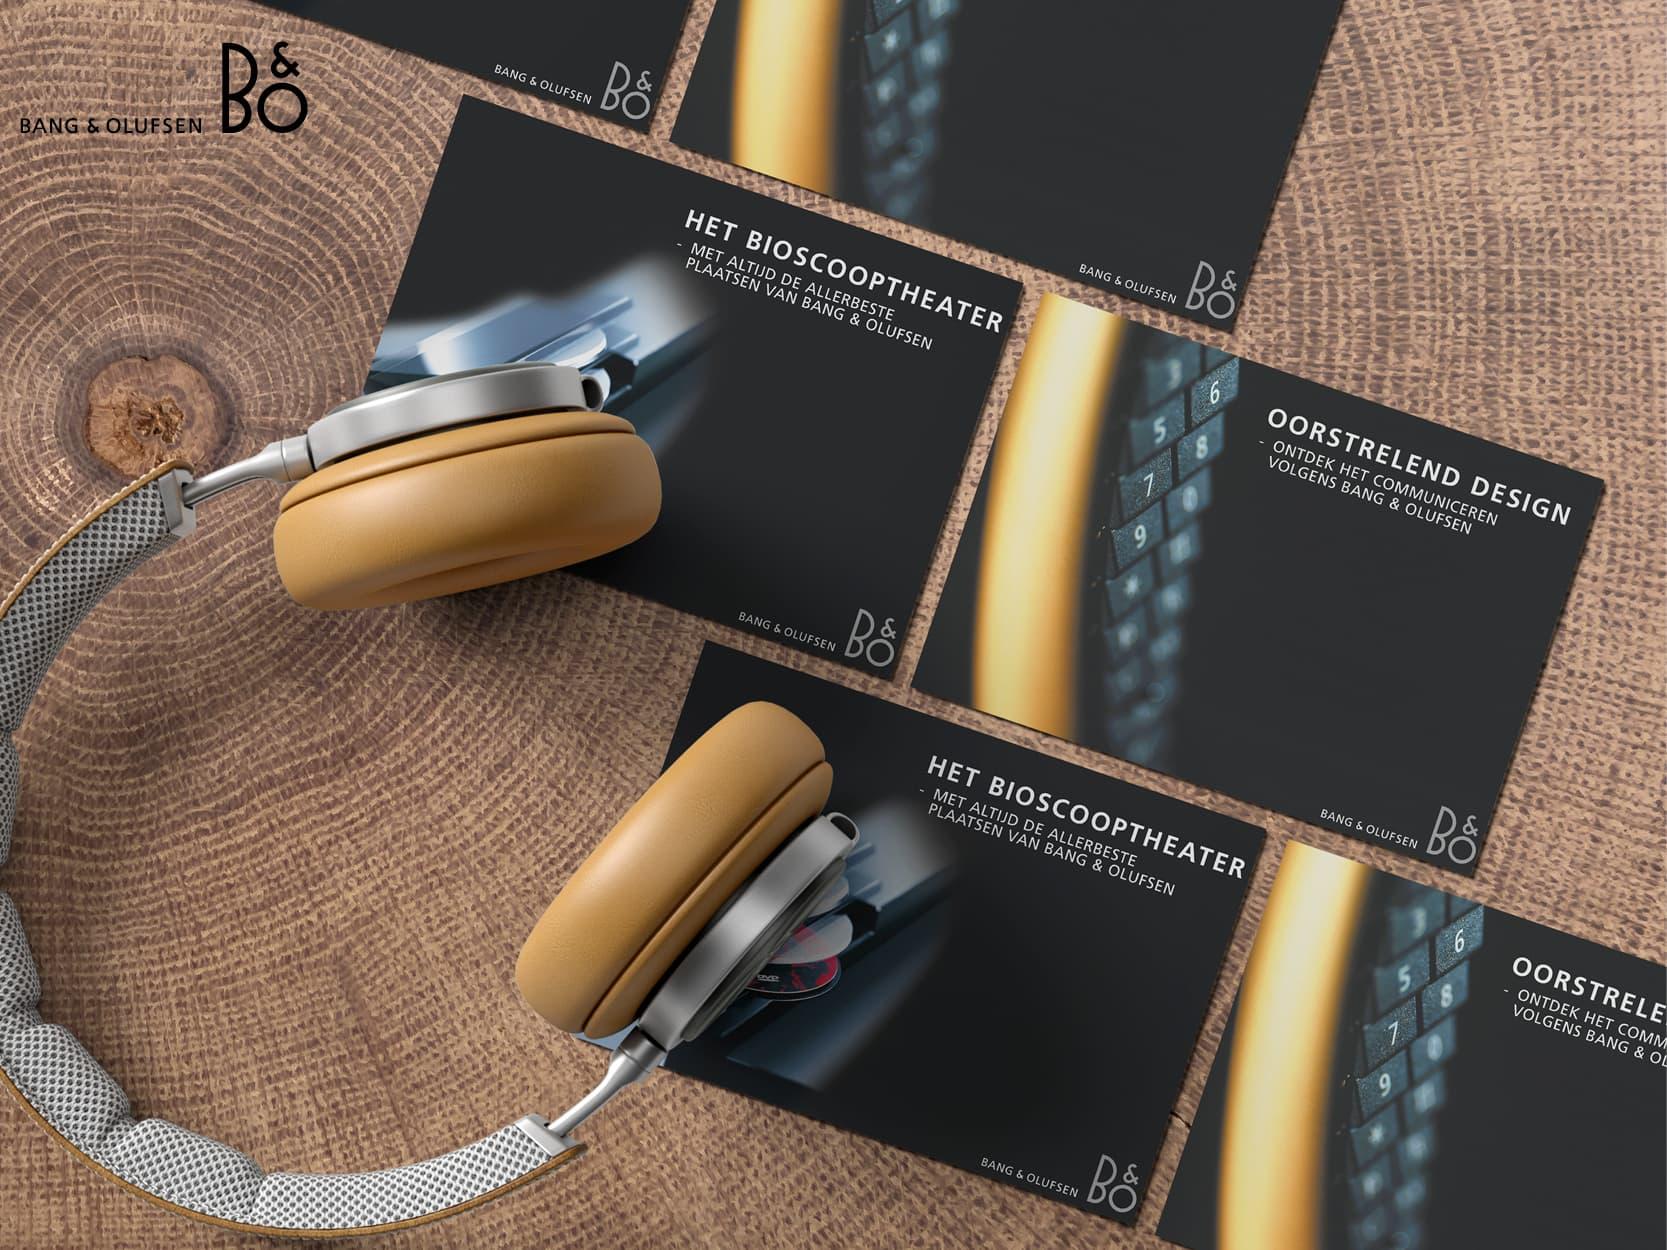 Bang & Olufsen Promotie 2